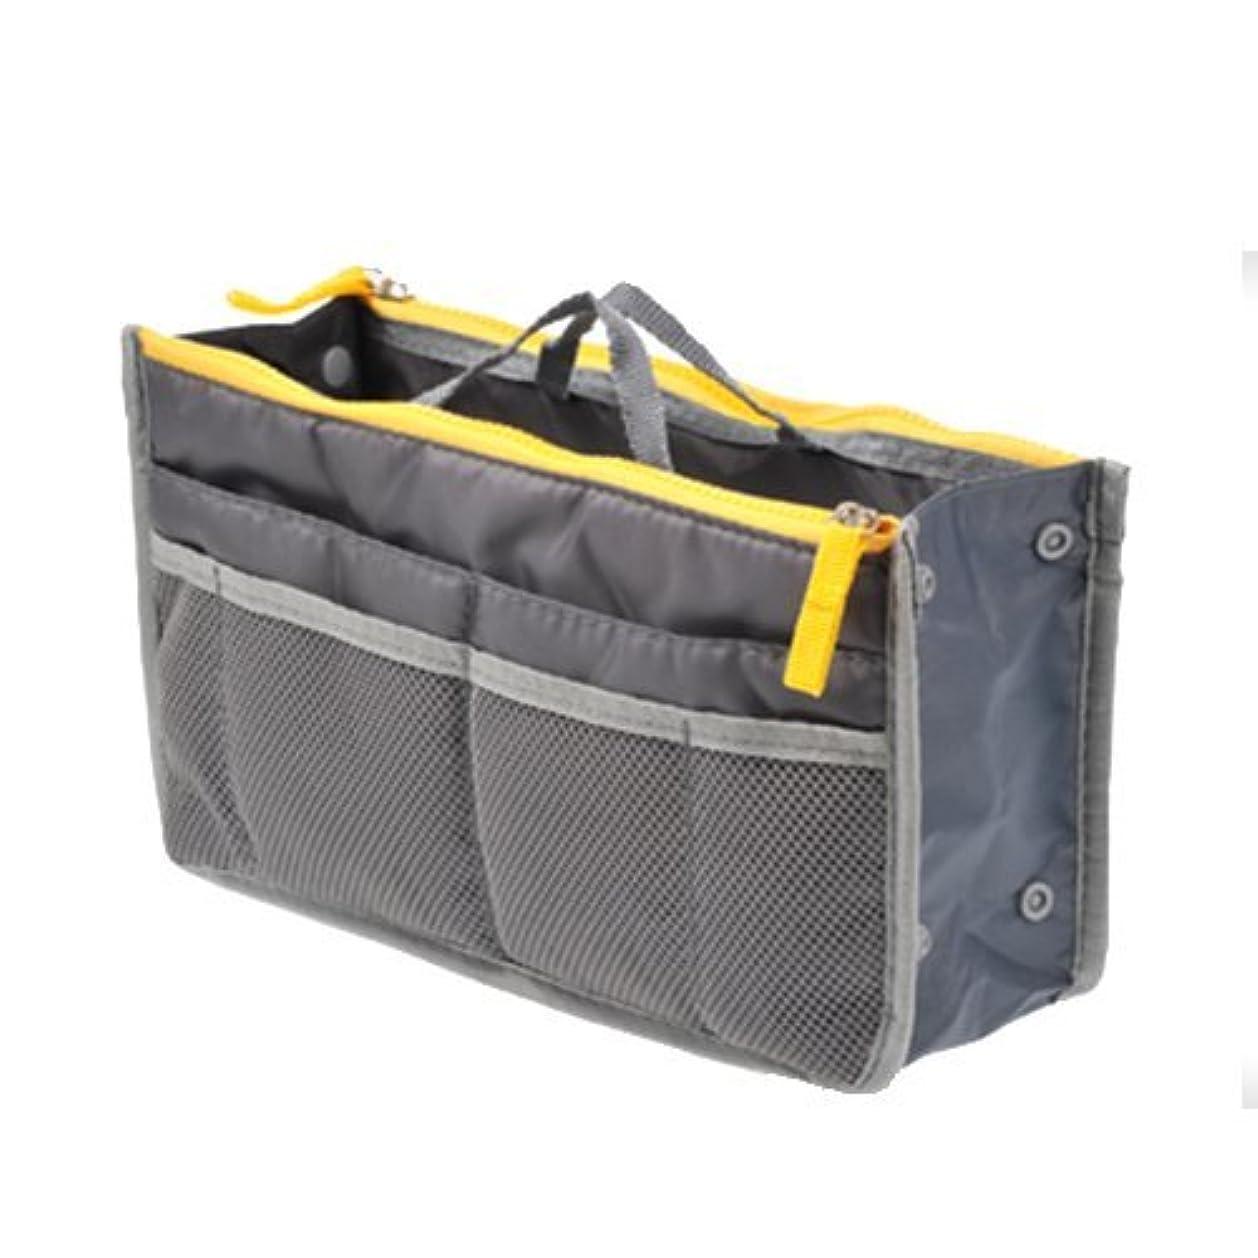 修道院もし抵抗力があるTENDOC 高品質 バッグでバッグを簡単収納 お財布 携帯などの必需品から手帳やペンもピッタリサイズ グレー